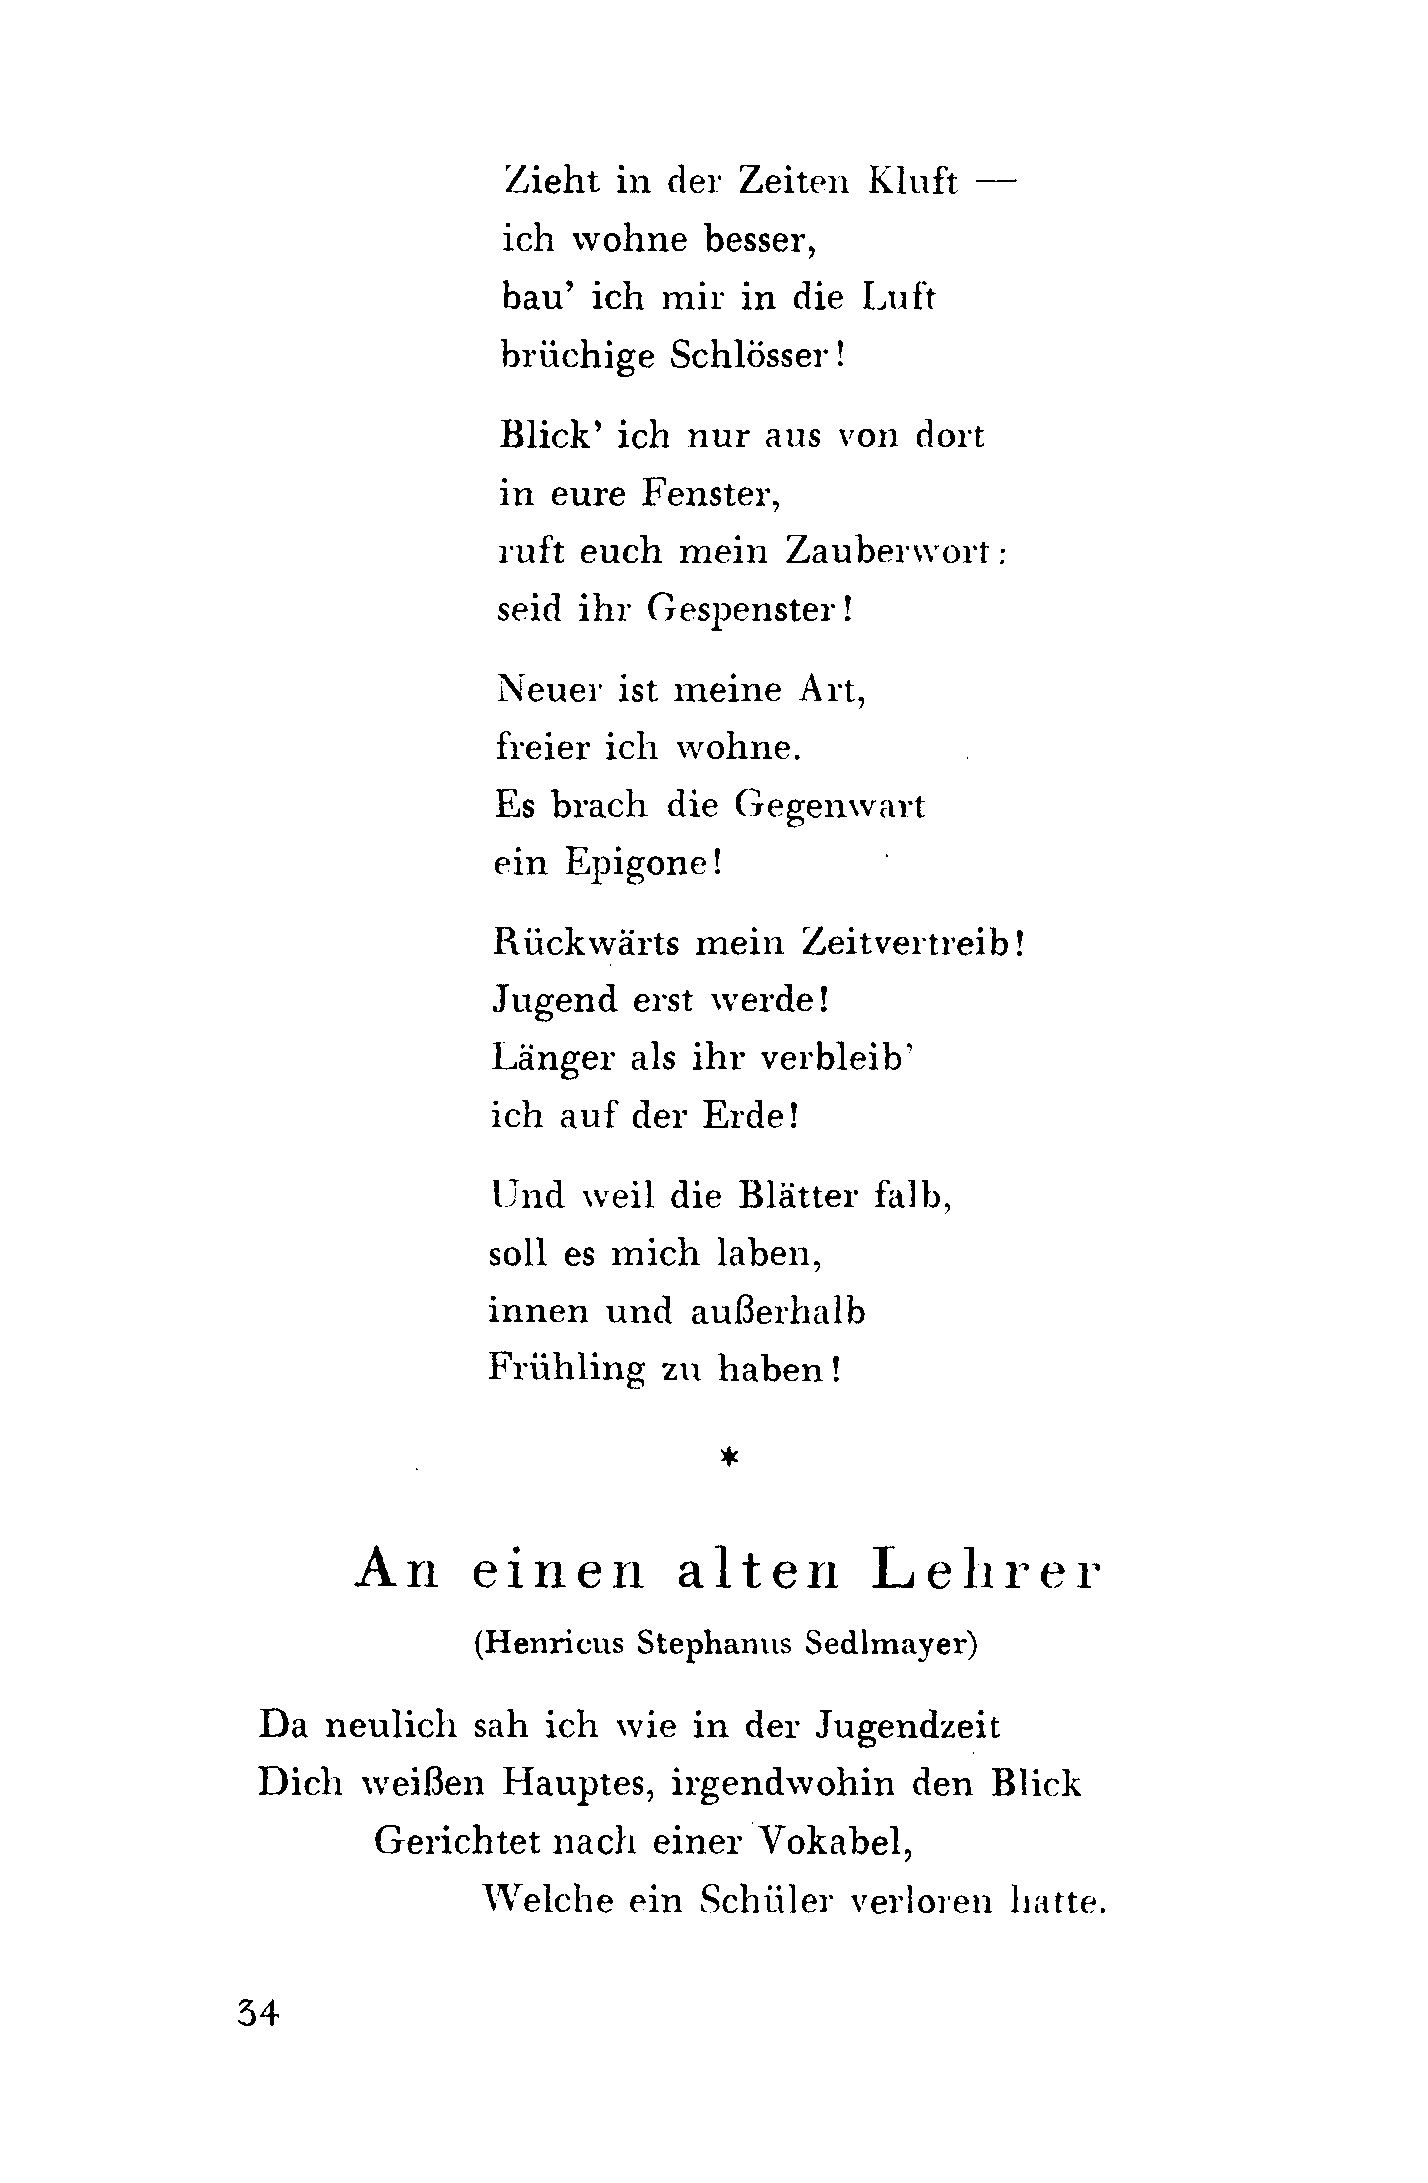 Filede Ausgewählte Gedichte Kraus 34jpg Wikimedia Commons